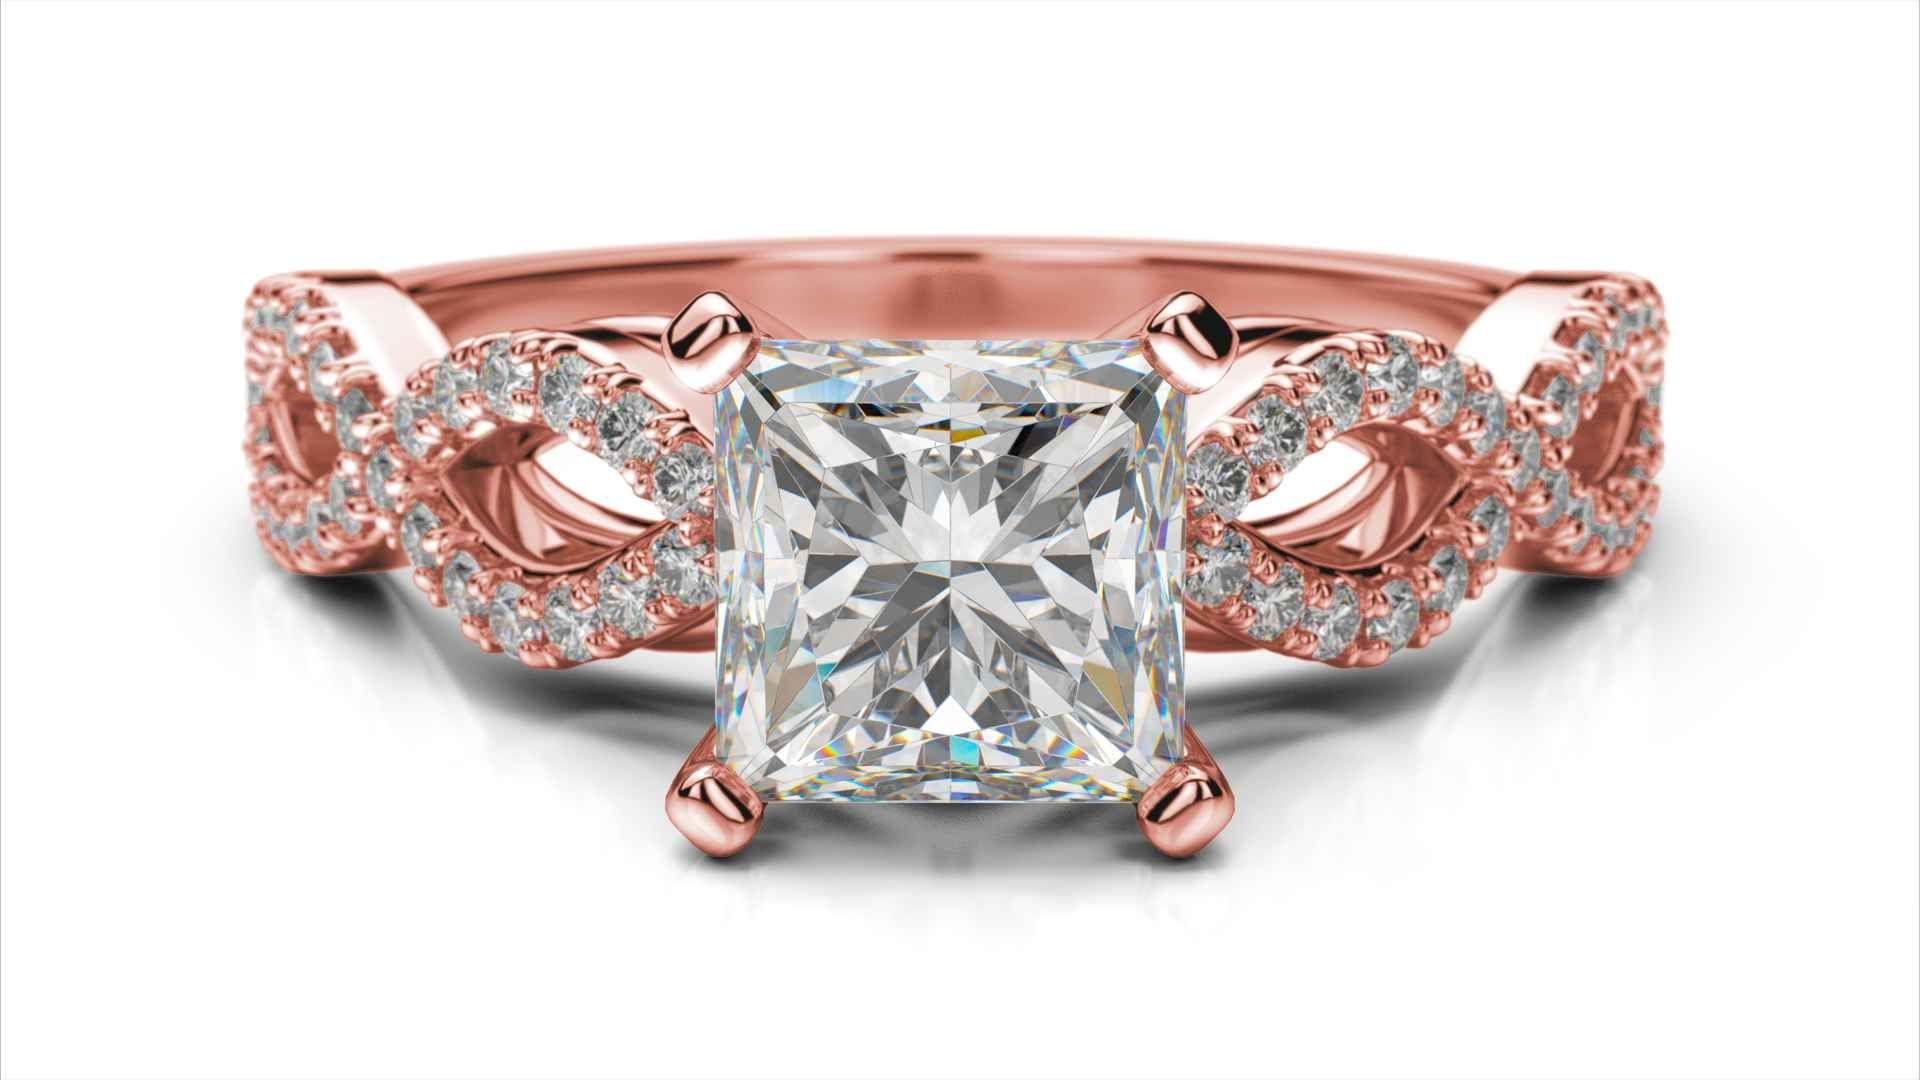 de73ad160 Zlatý zásnubný prsteň TALA z ružového zlata 14 karátové briliant princezná  solitaire s postrannými diamantmi